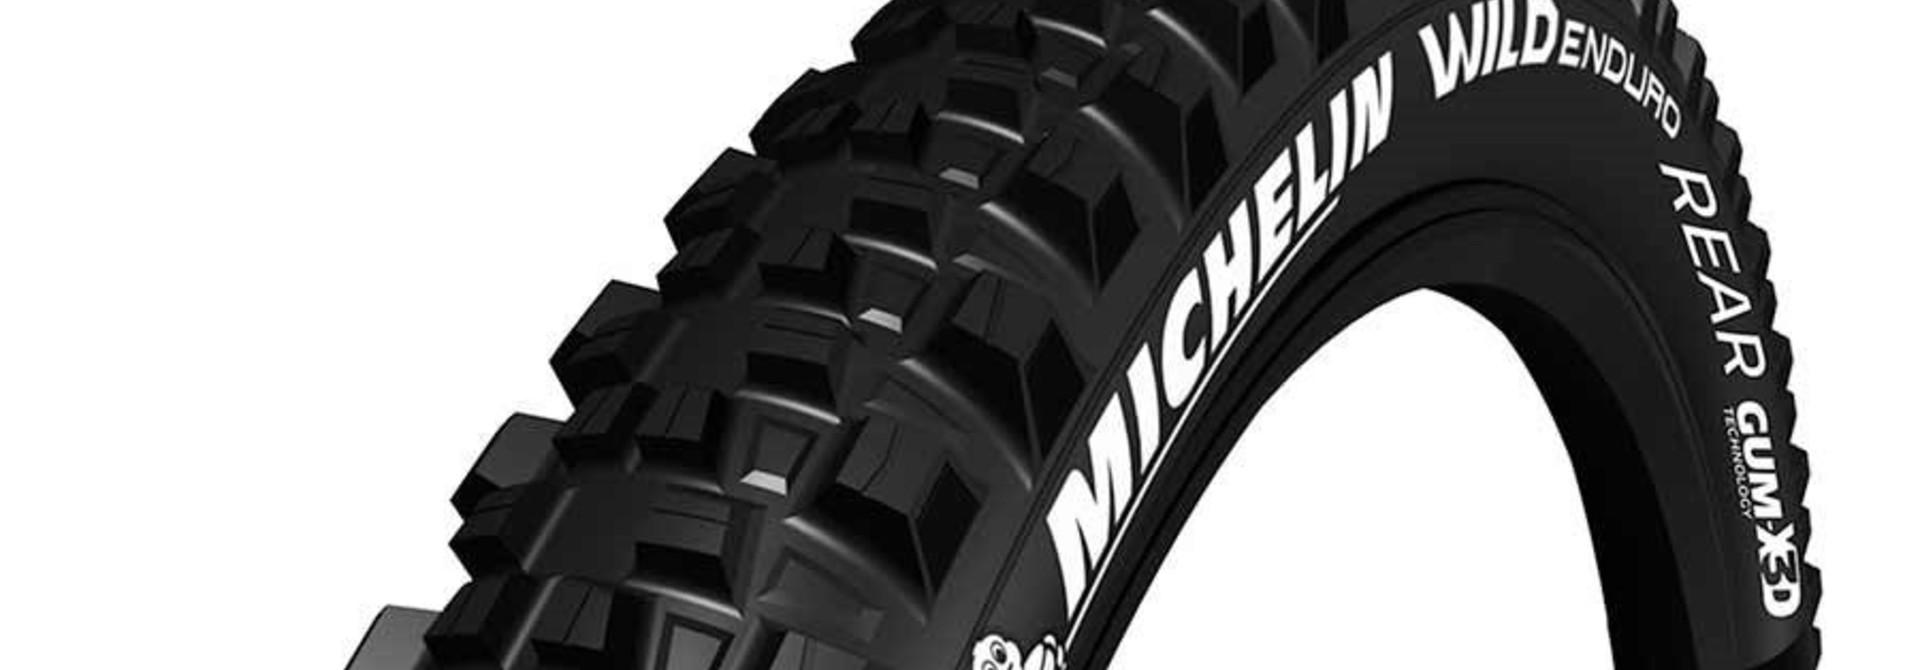 """Michelin Wild Enduro Rear Tire 29"""" x 2.4 / Gravity Shield"""